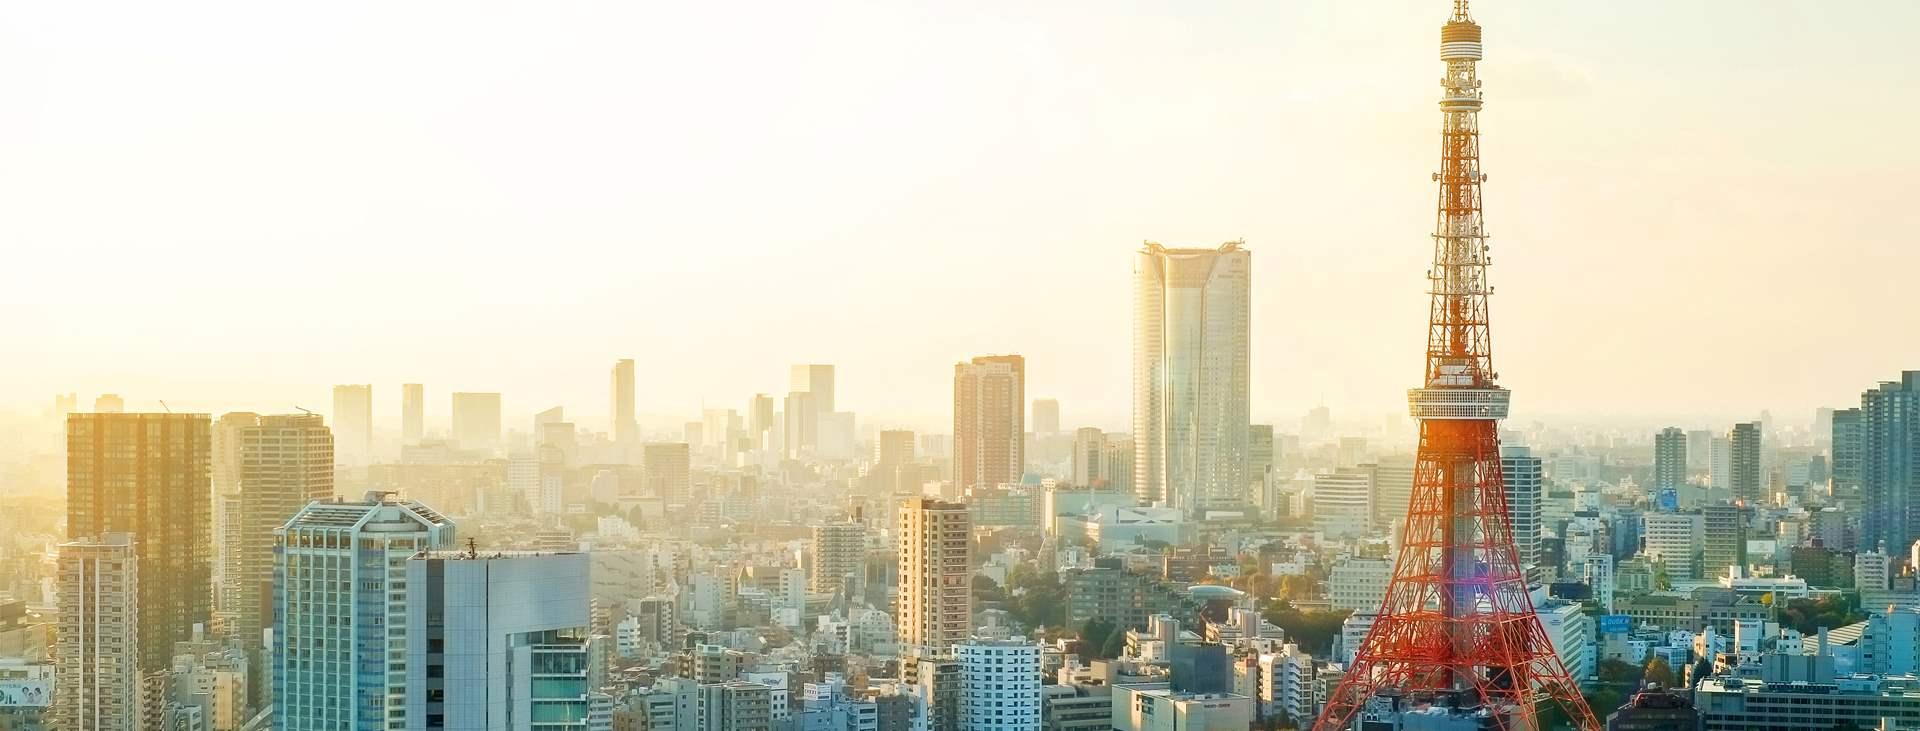 Bestill en reise med Ving til Tokyo i Japan